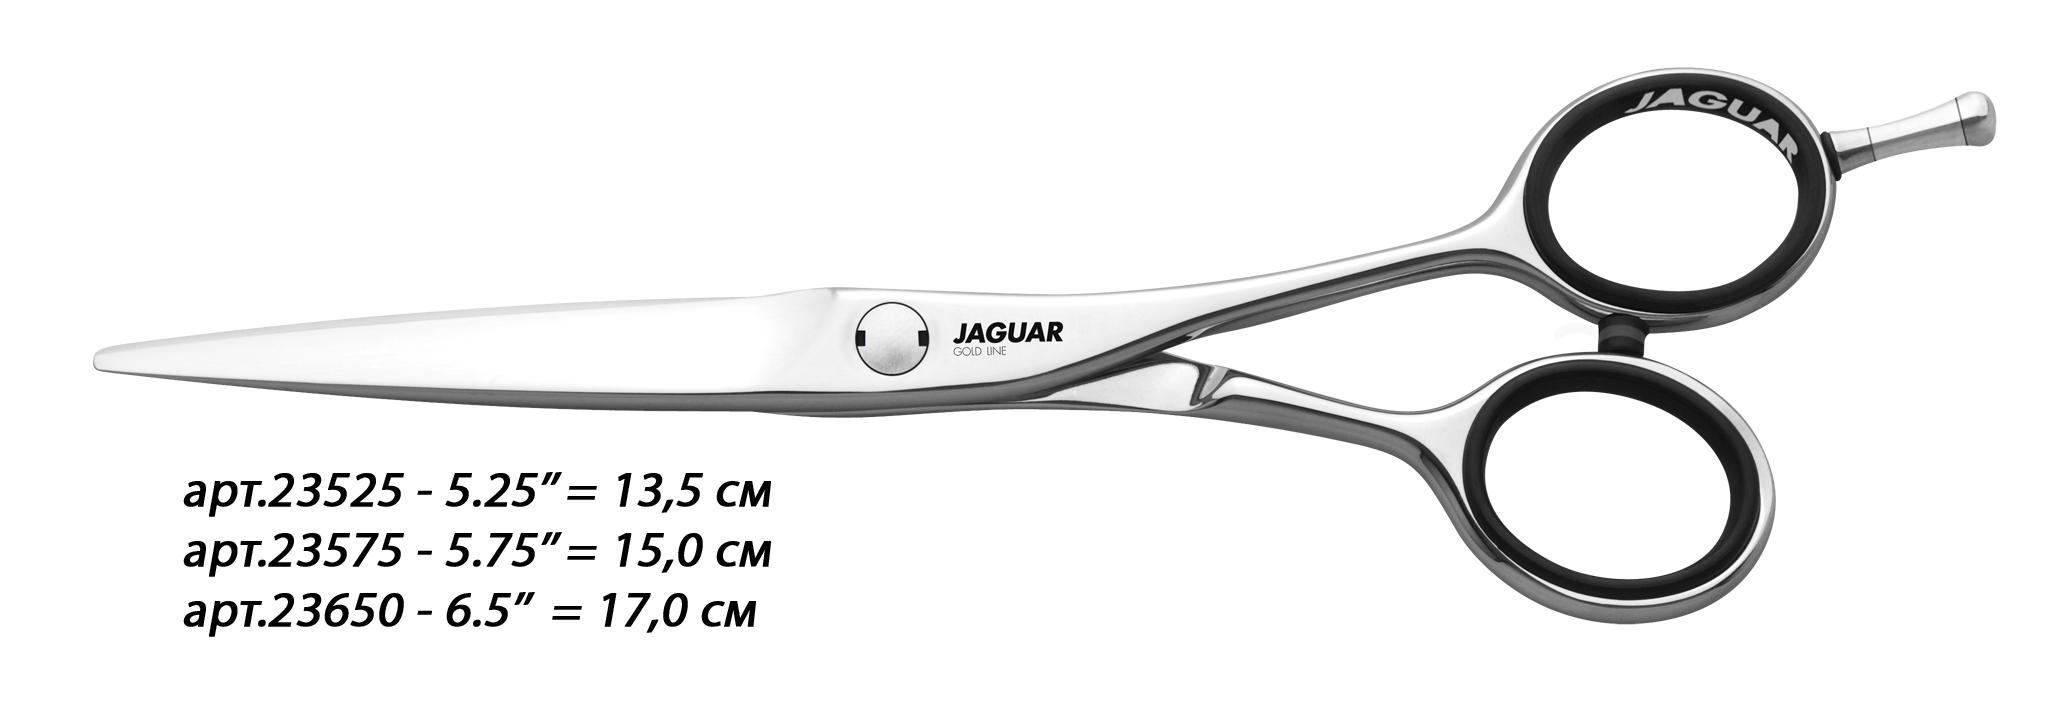 купить JAGUAR Ножницы Jaguar Dynasty E 5,25'(13,5cm)GL недорого